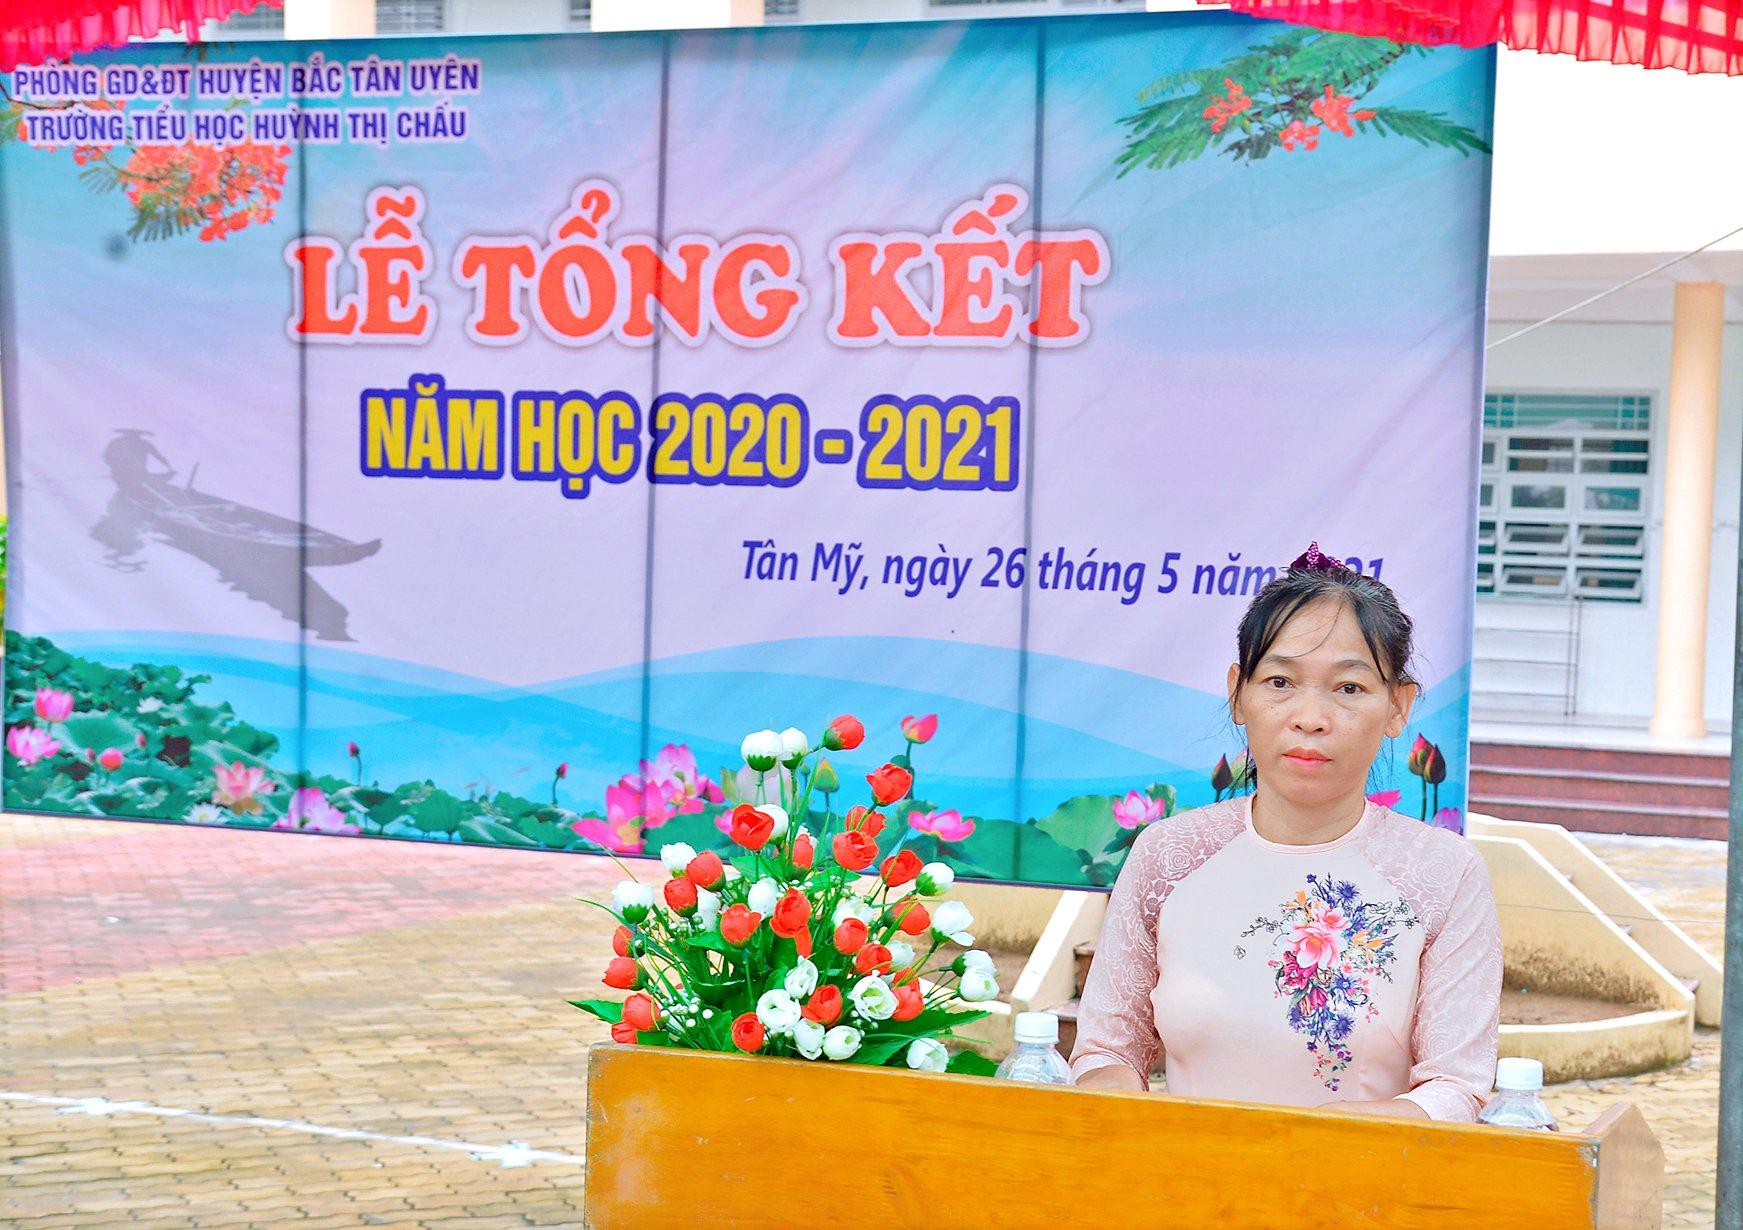 Lễ tổng kết năm học 2020-2021